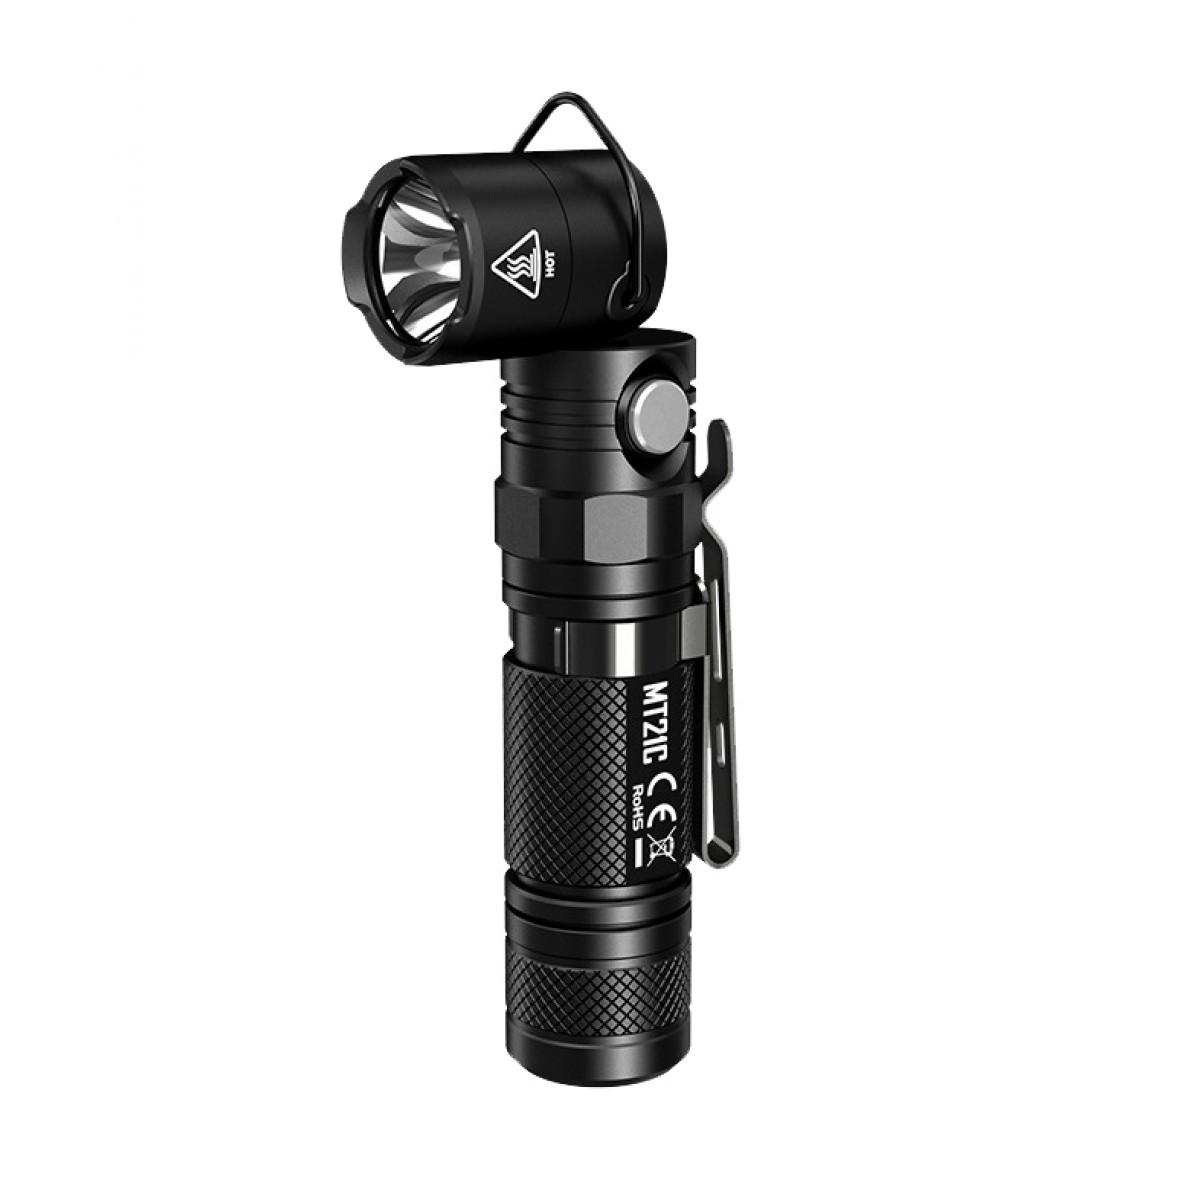 Nitecore MT21C CREE XP-L HD V6 LED 1000L Flashlight